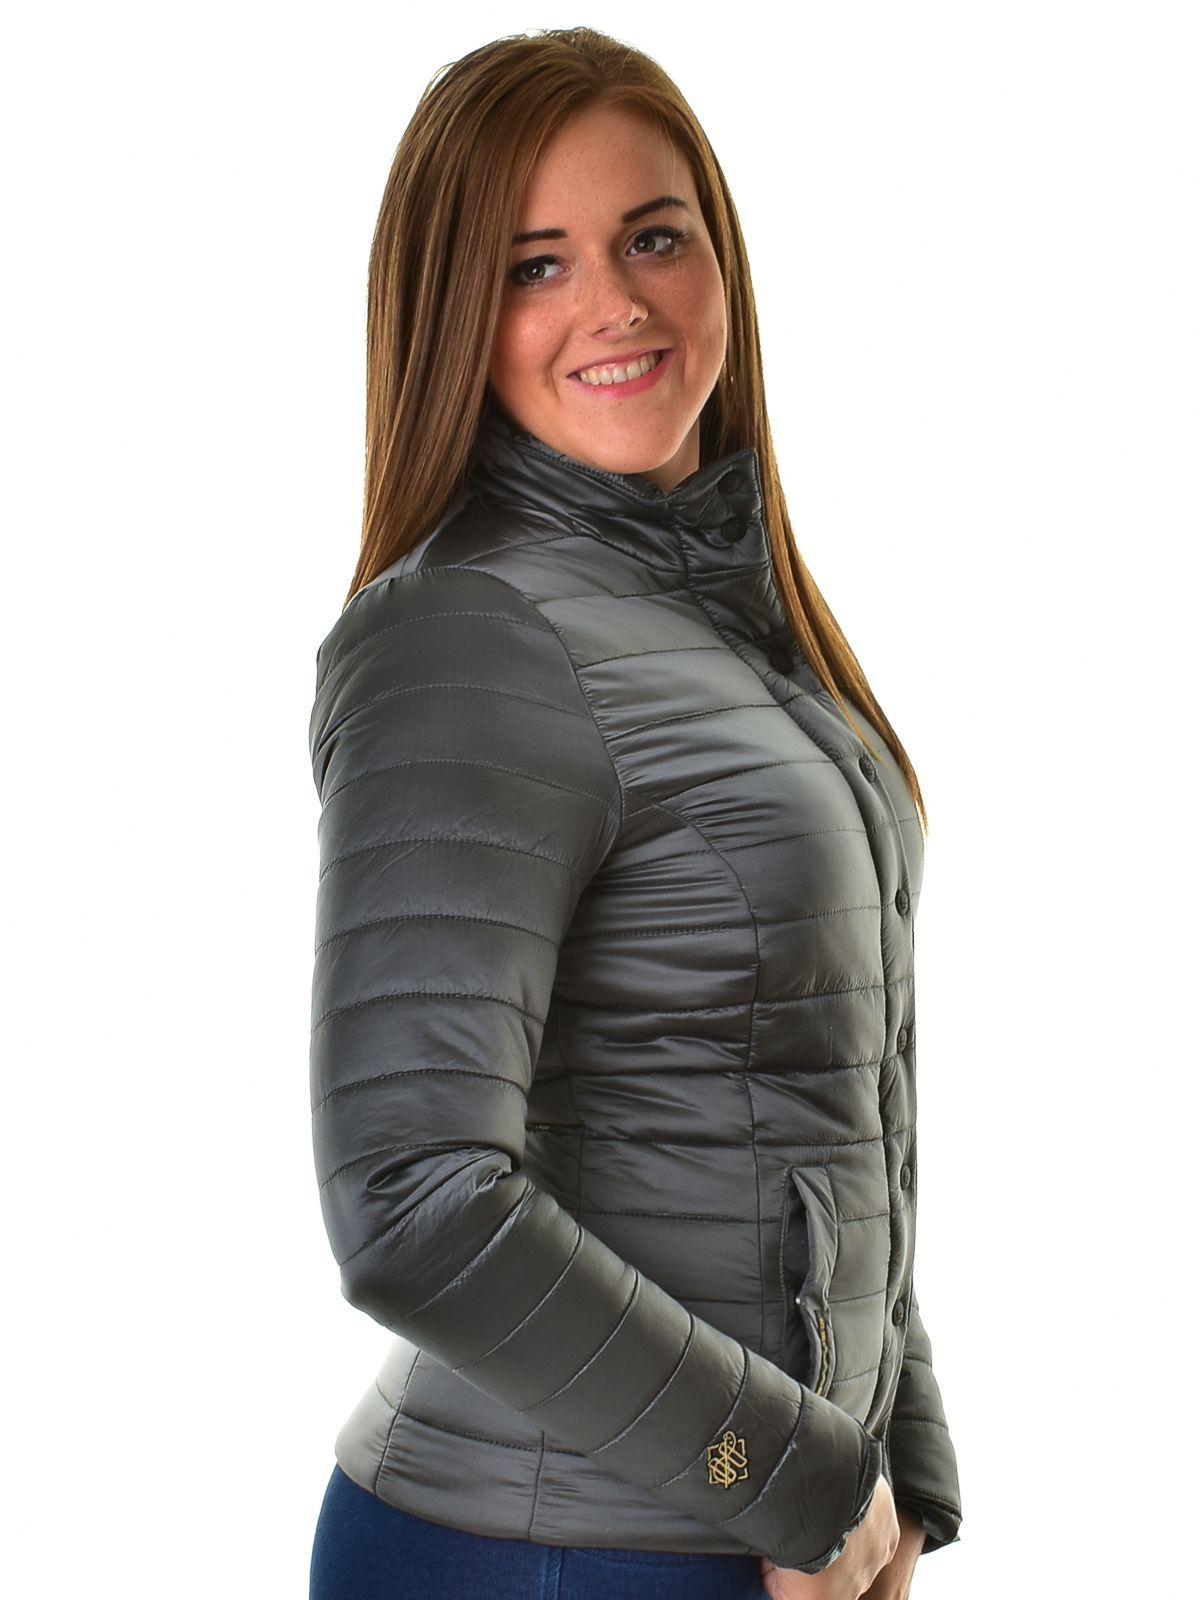 ed1d43760a Devergo női dzseki | Markasbolt.hu Hivatalos DEVERGO forgalmazó